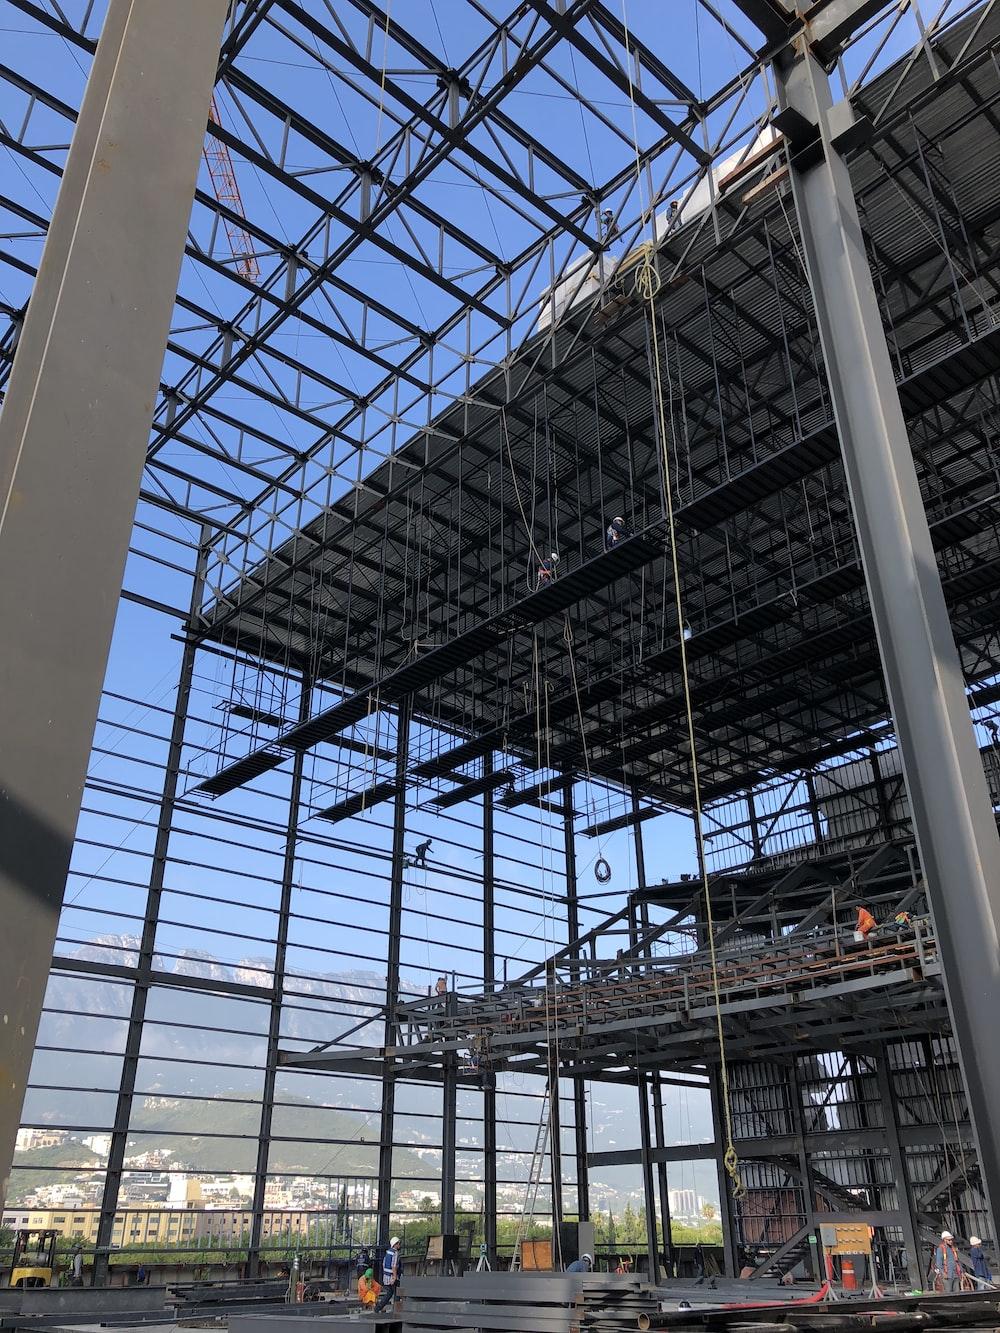 gray metal railings